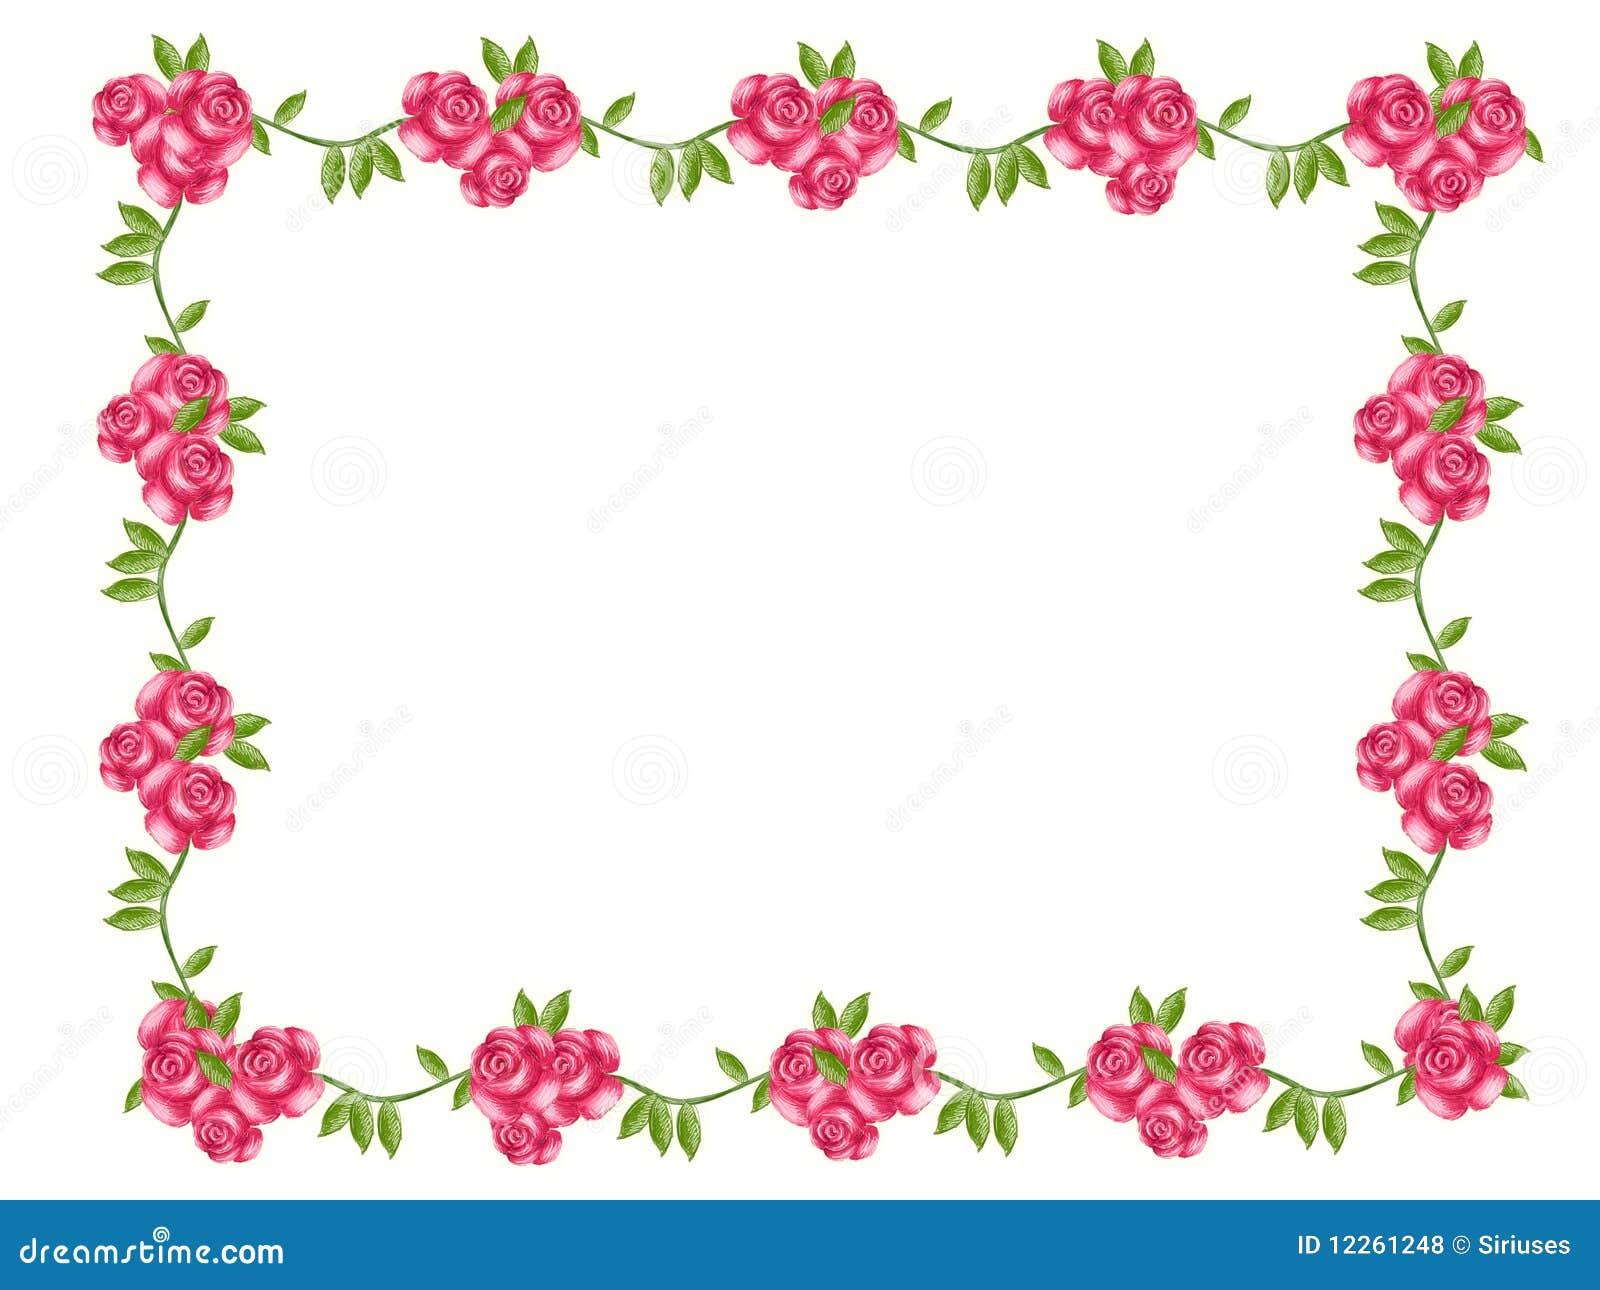 Marco de la flor stock de ilustración. Ilustración de amor - 12261248